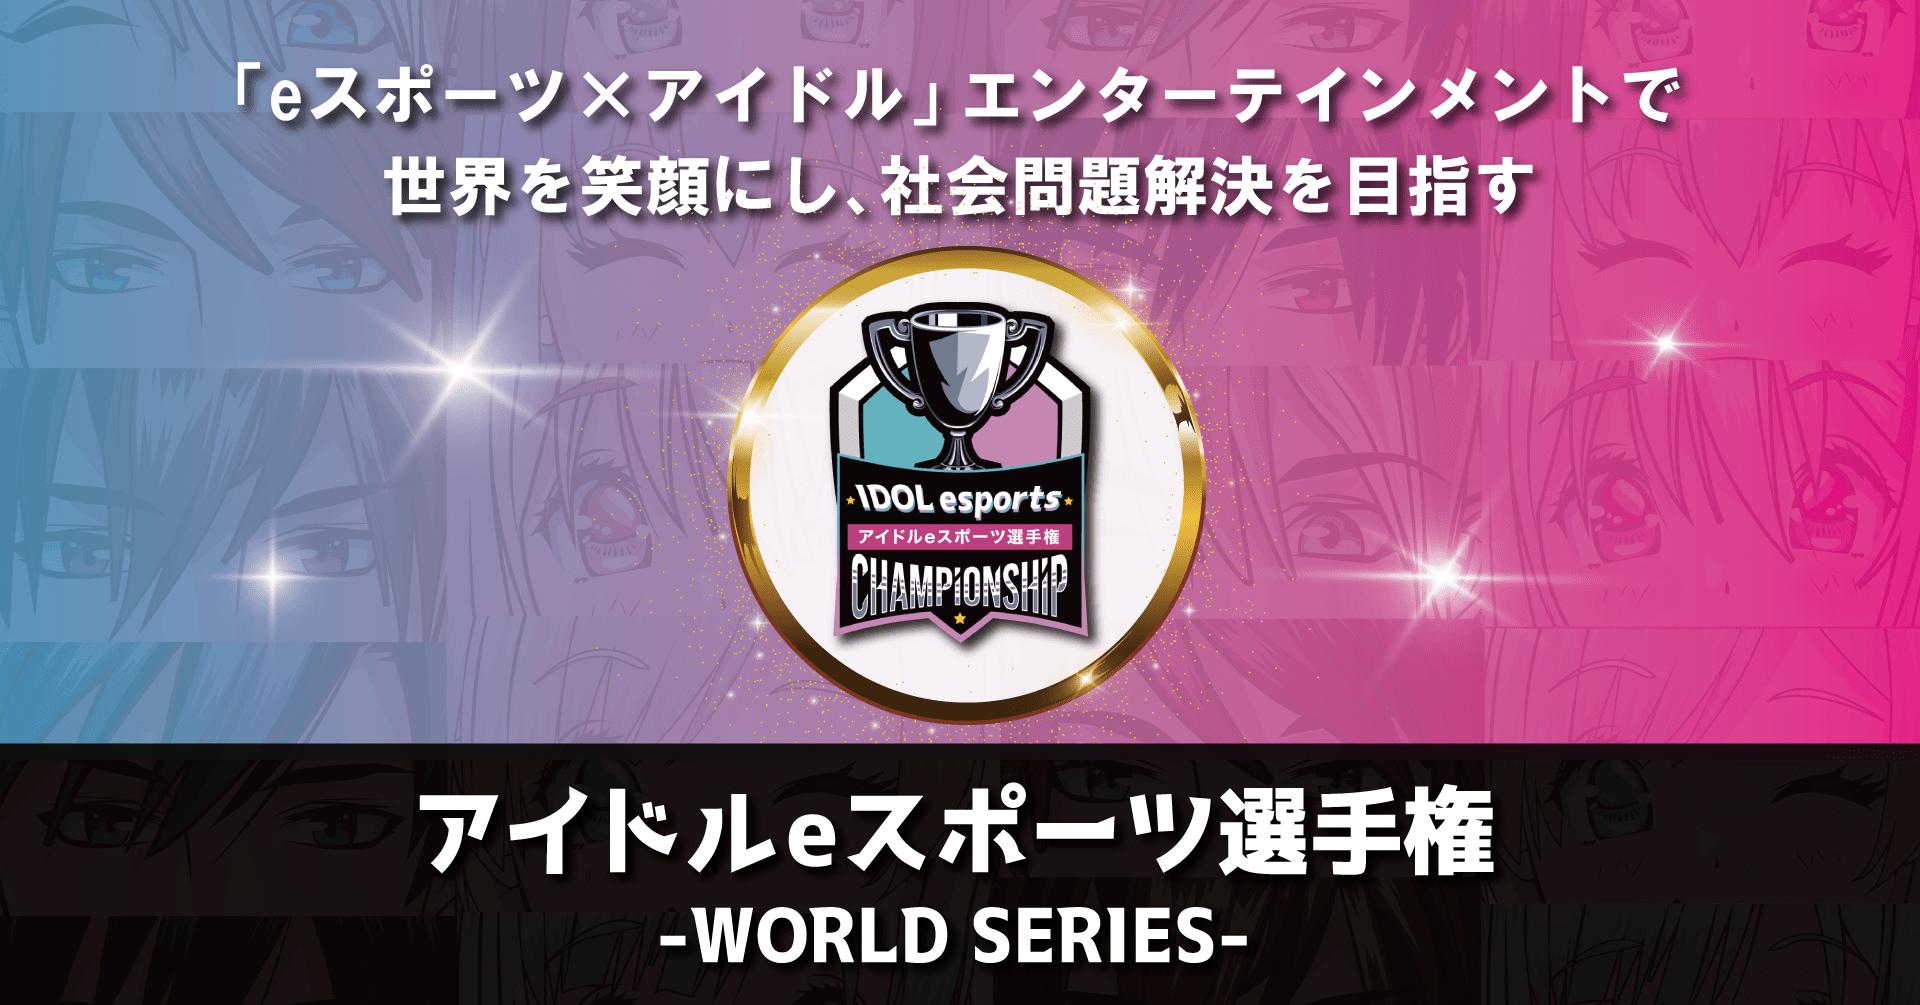 「アイドルeスポーツ選⼿権-ワールドシリーズ-」開催!「eスポー ツ×アイドル」で世界を⼀つに。